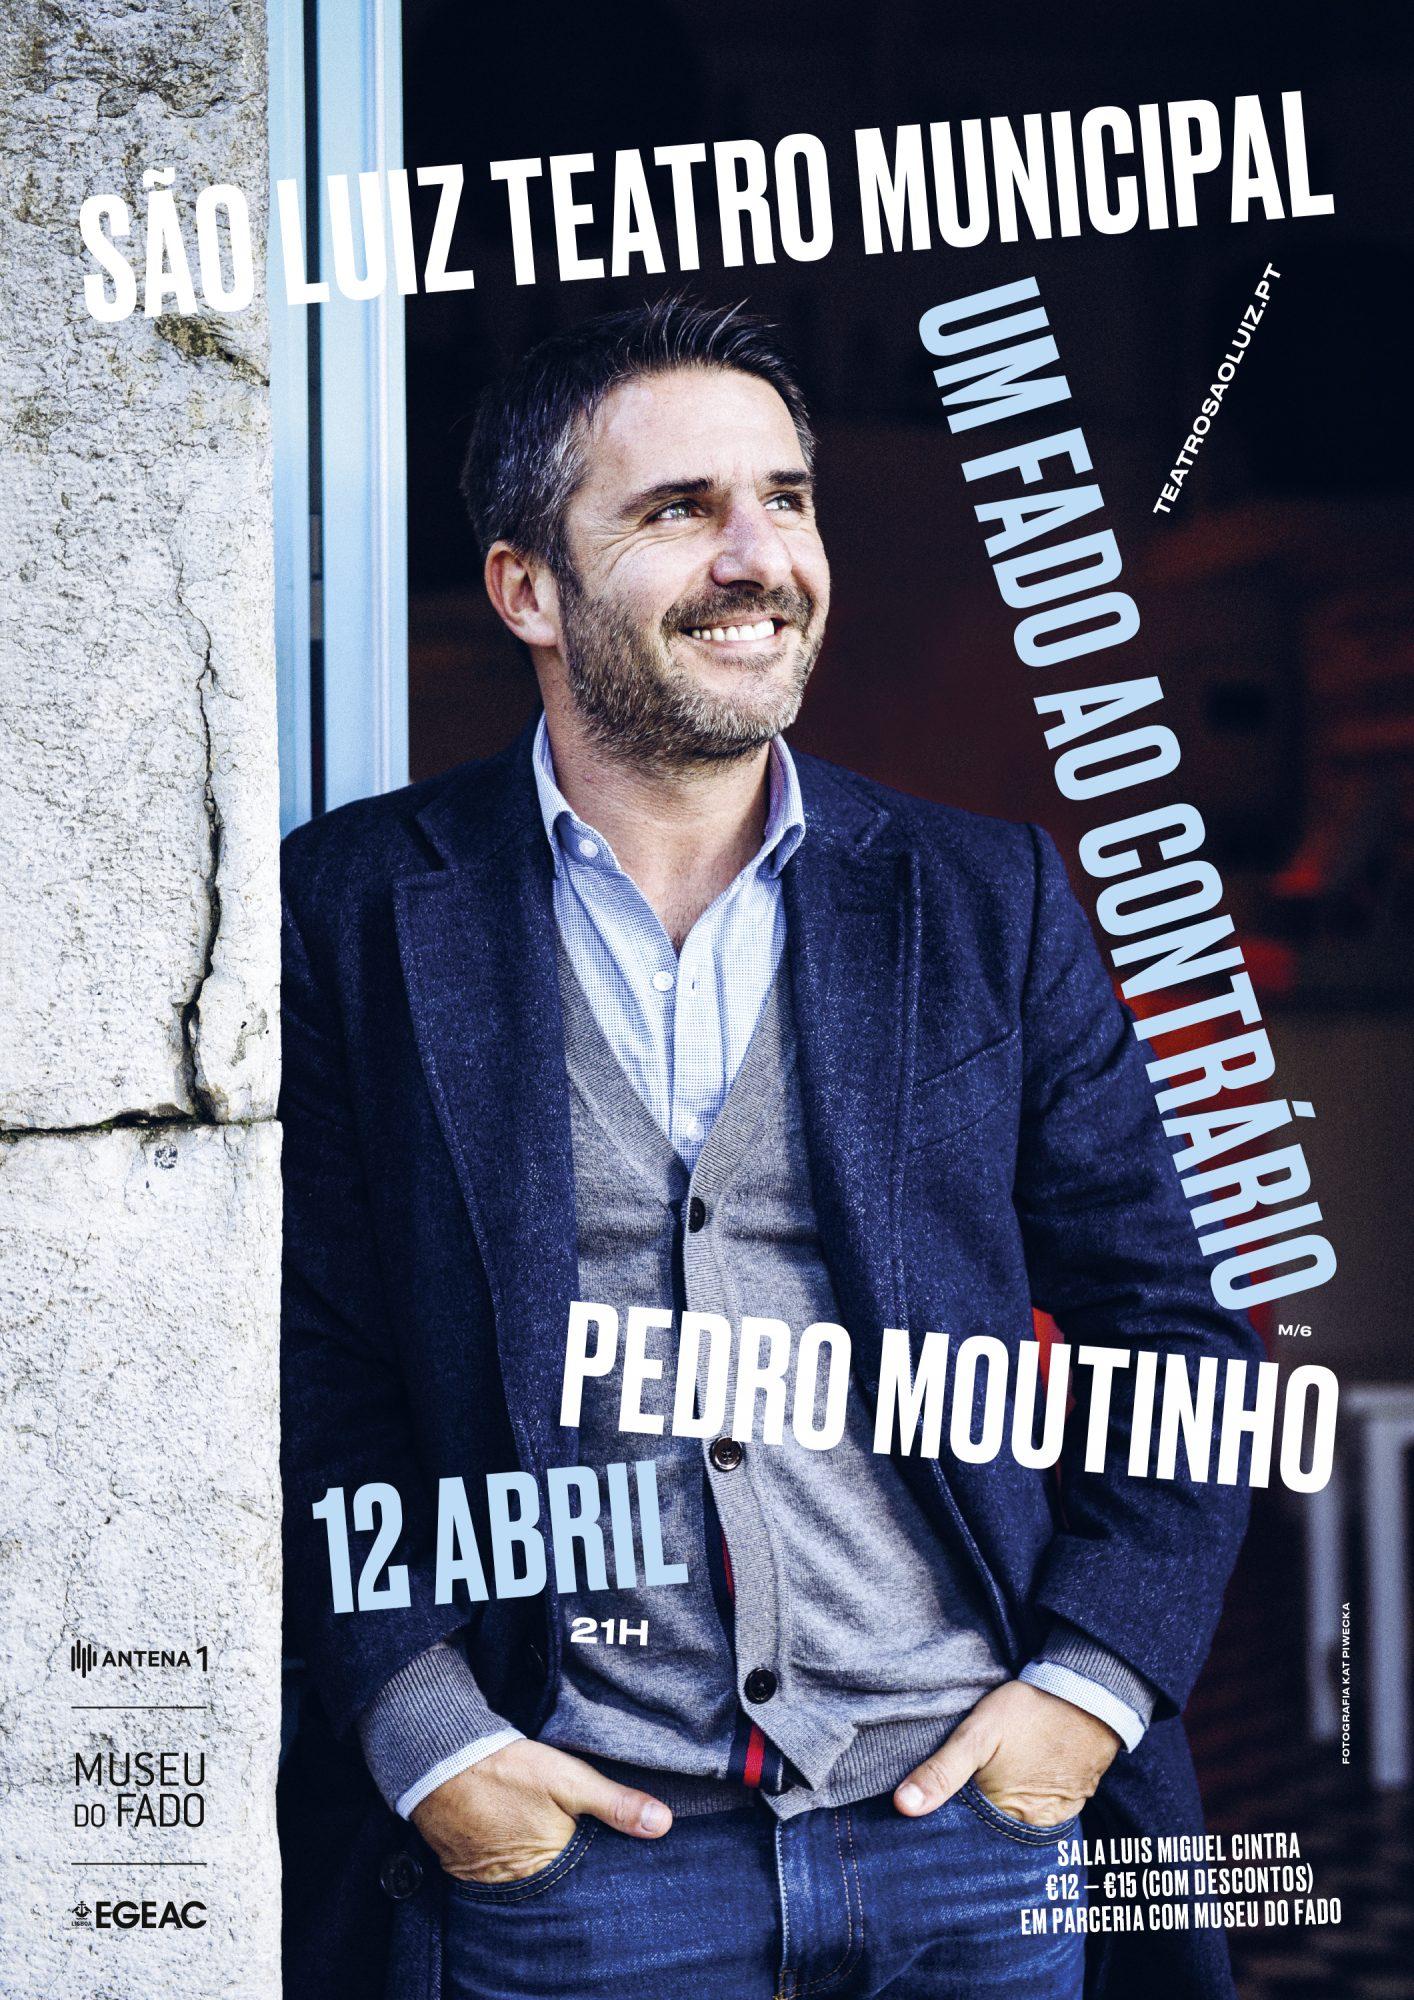 Pedro Moutinho, abril 2019